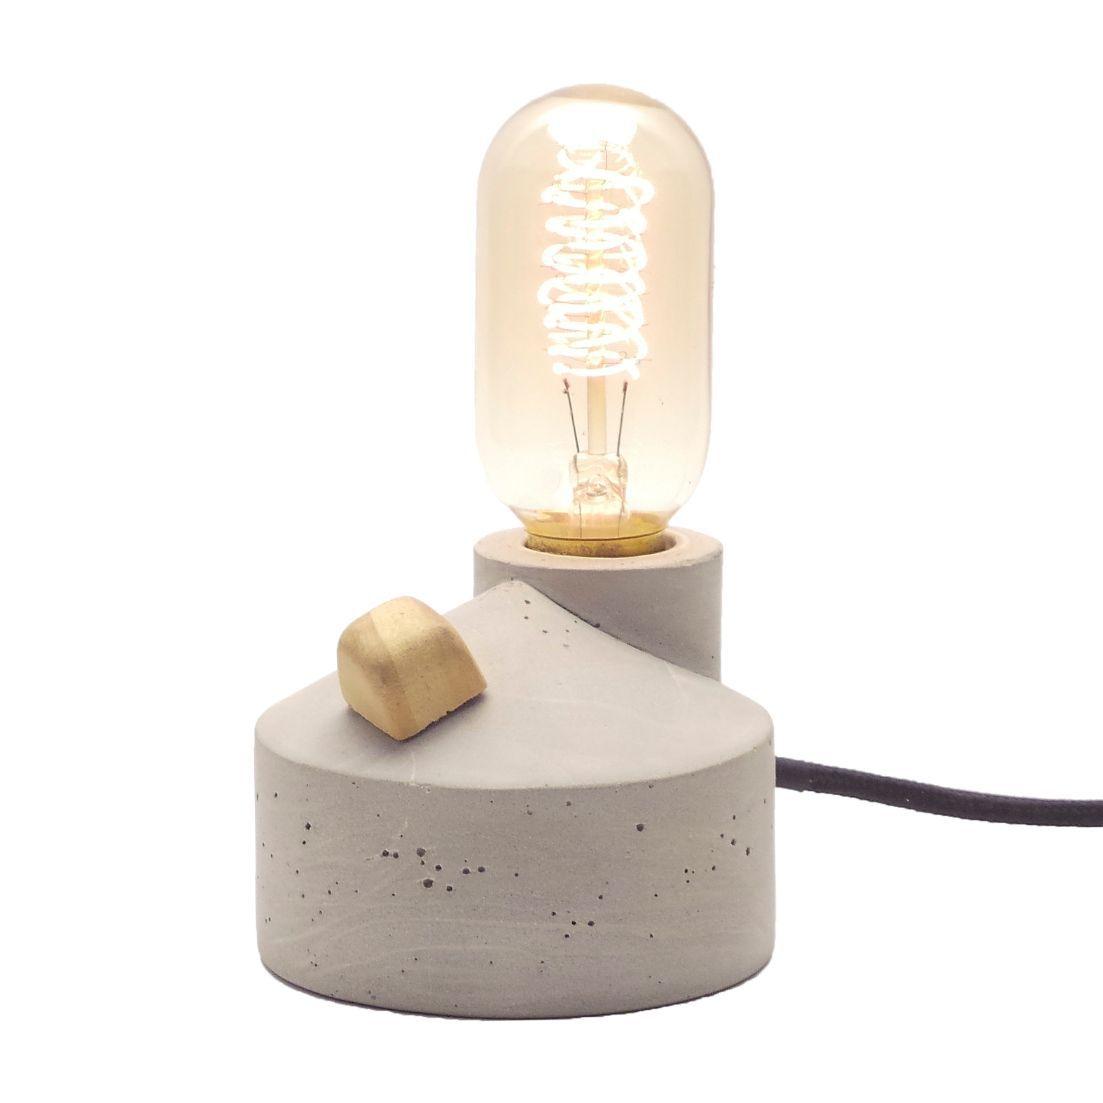 Combo Luminária Zolt + Luminária Dado  - ZOLT luminárias